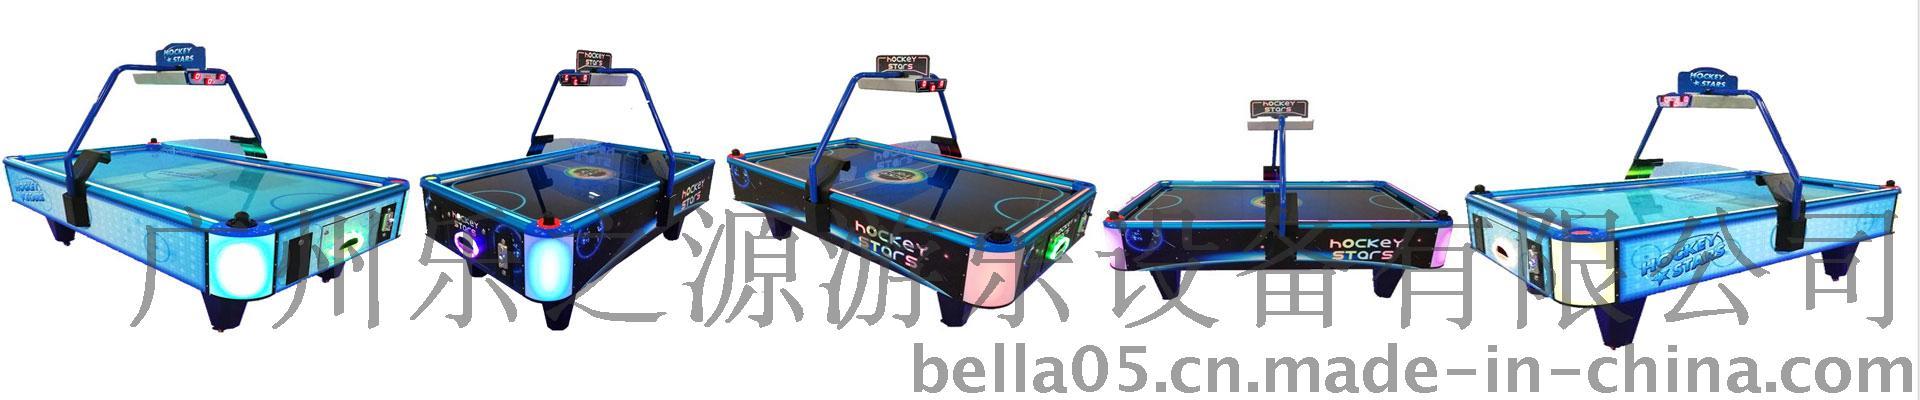 广州乐之源游乐设备有限公司